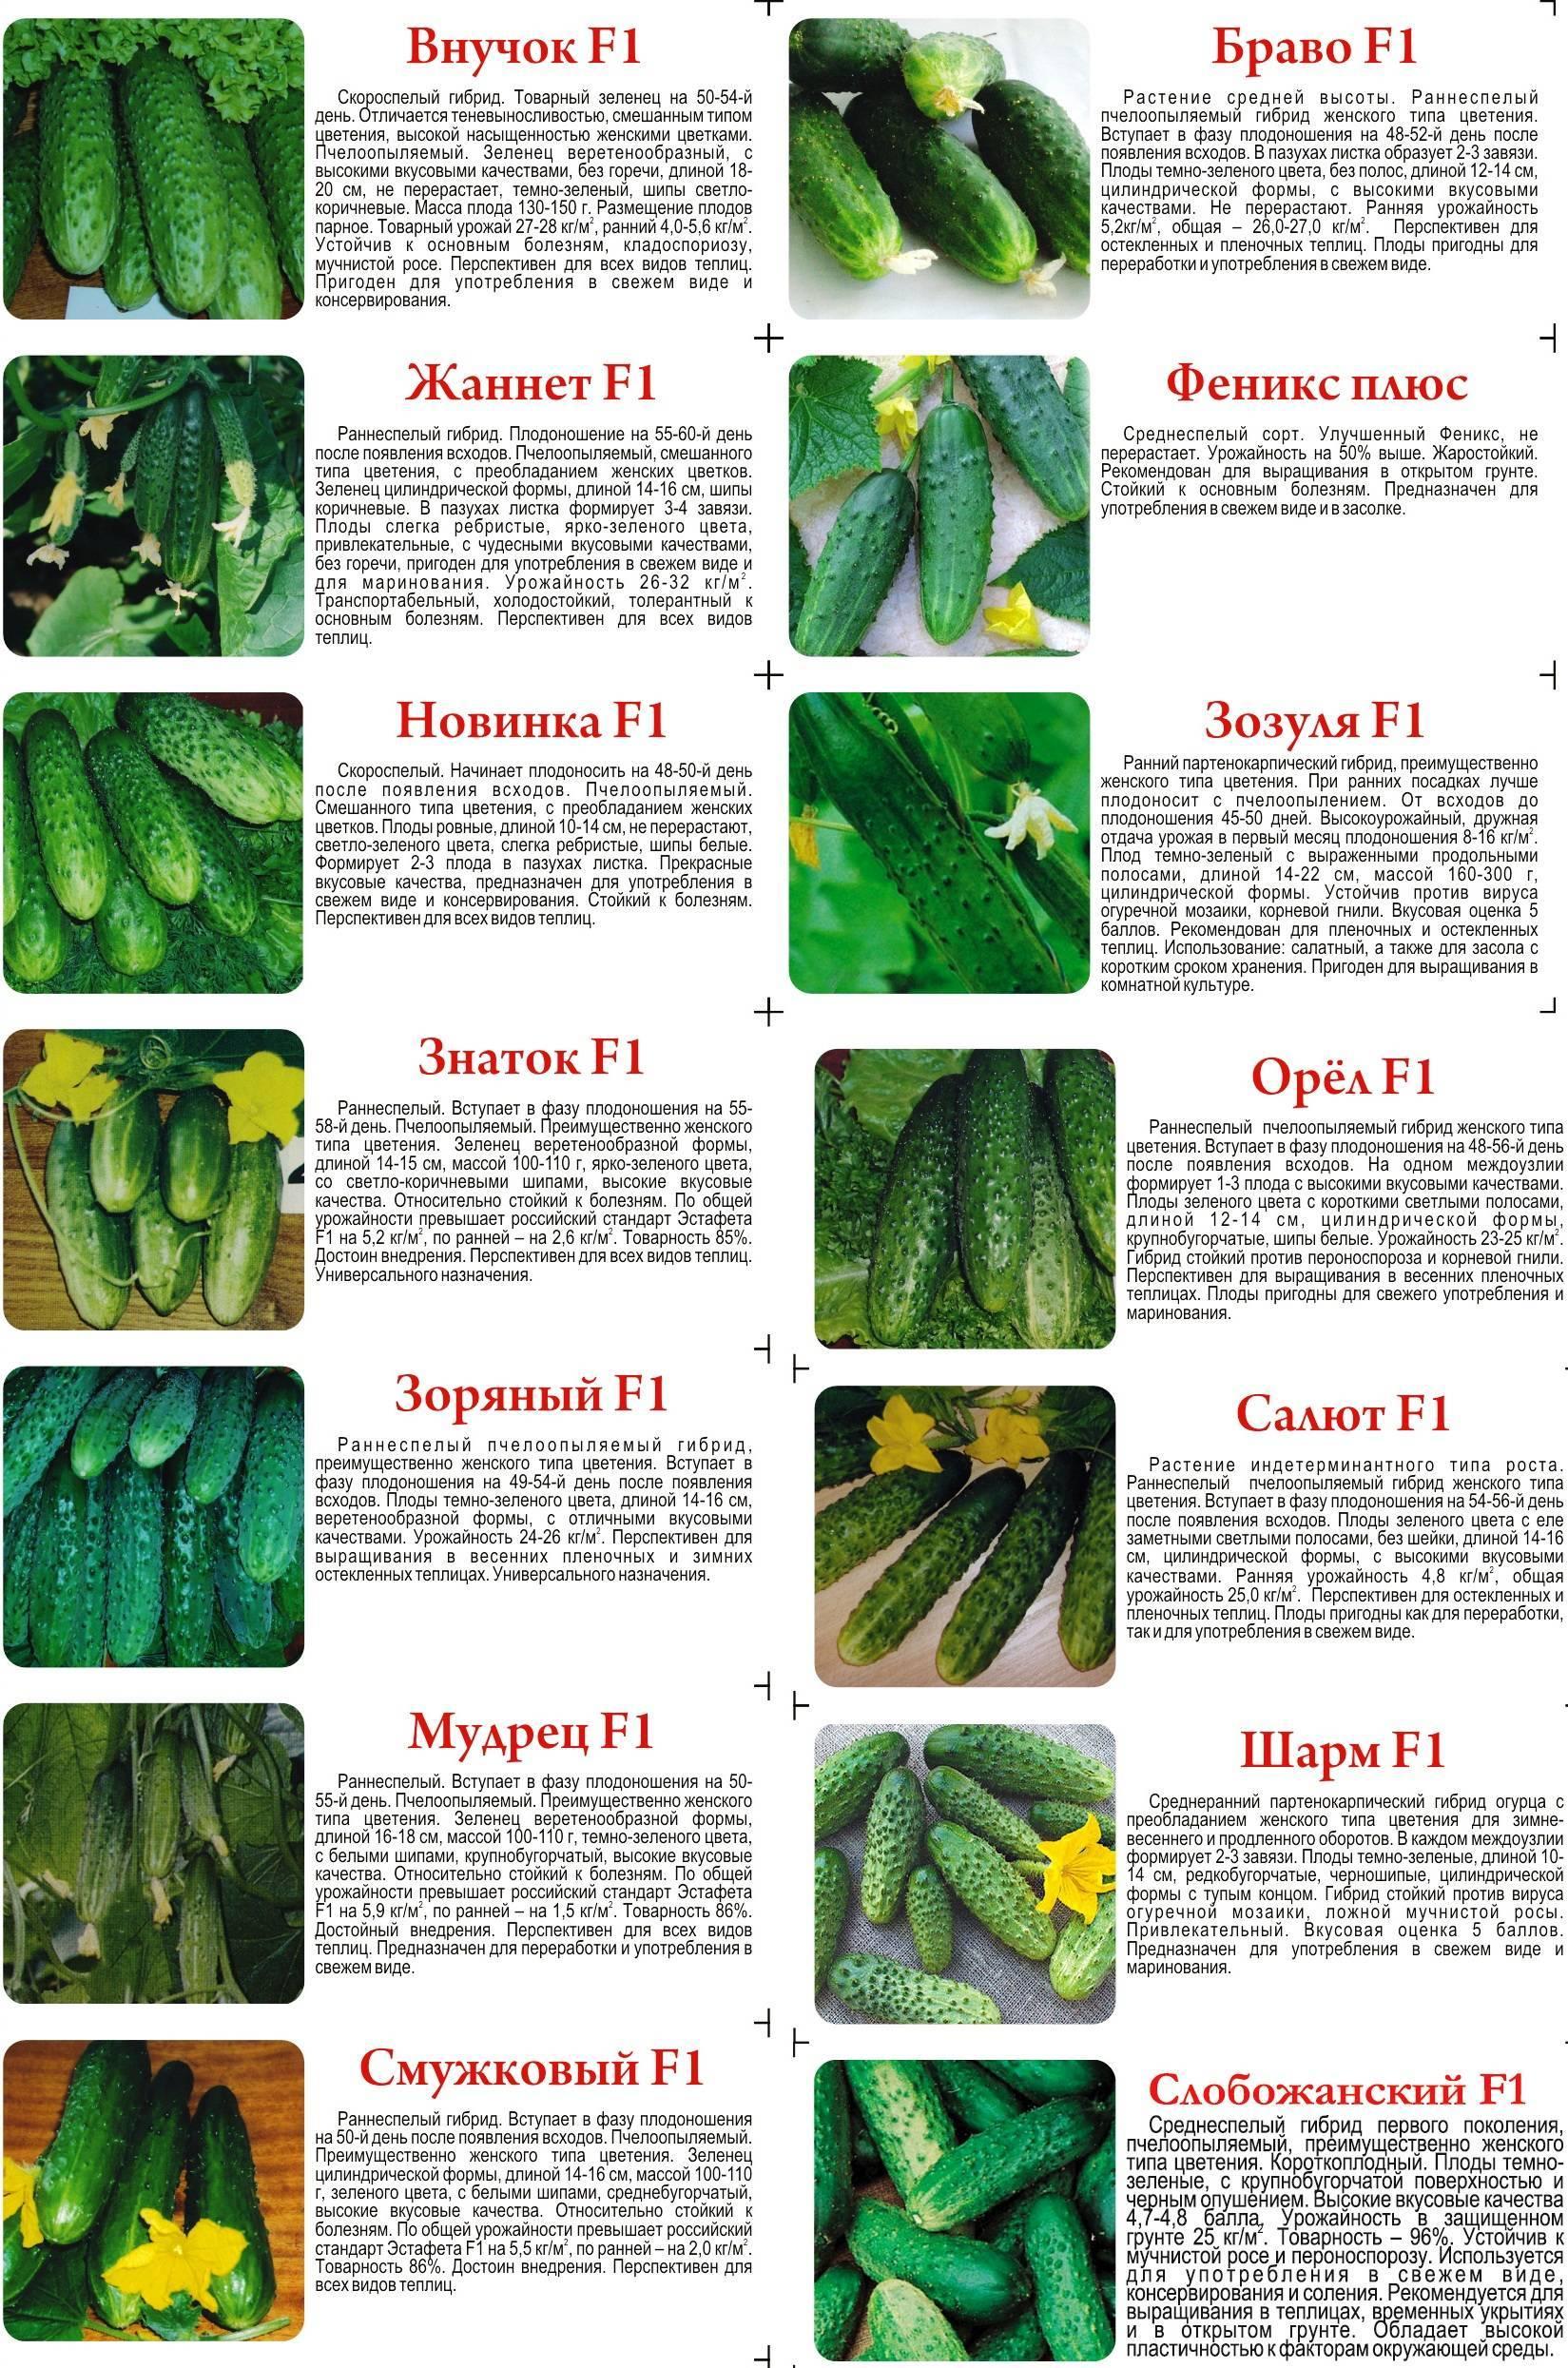 Семена огурцов: лучшие сорта для теплиц - правила выбора и полный обзор характеристик!